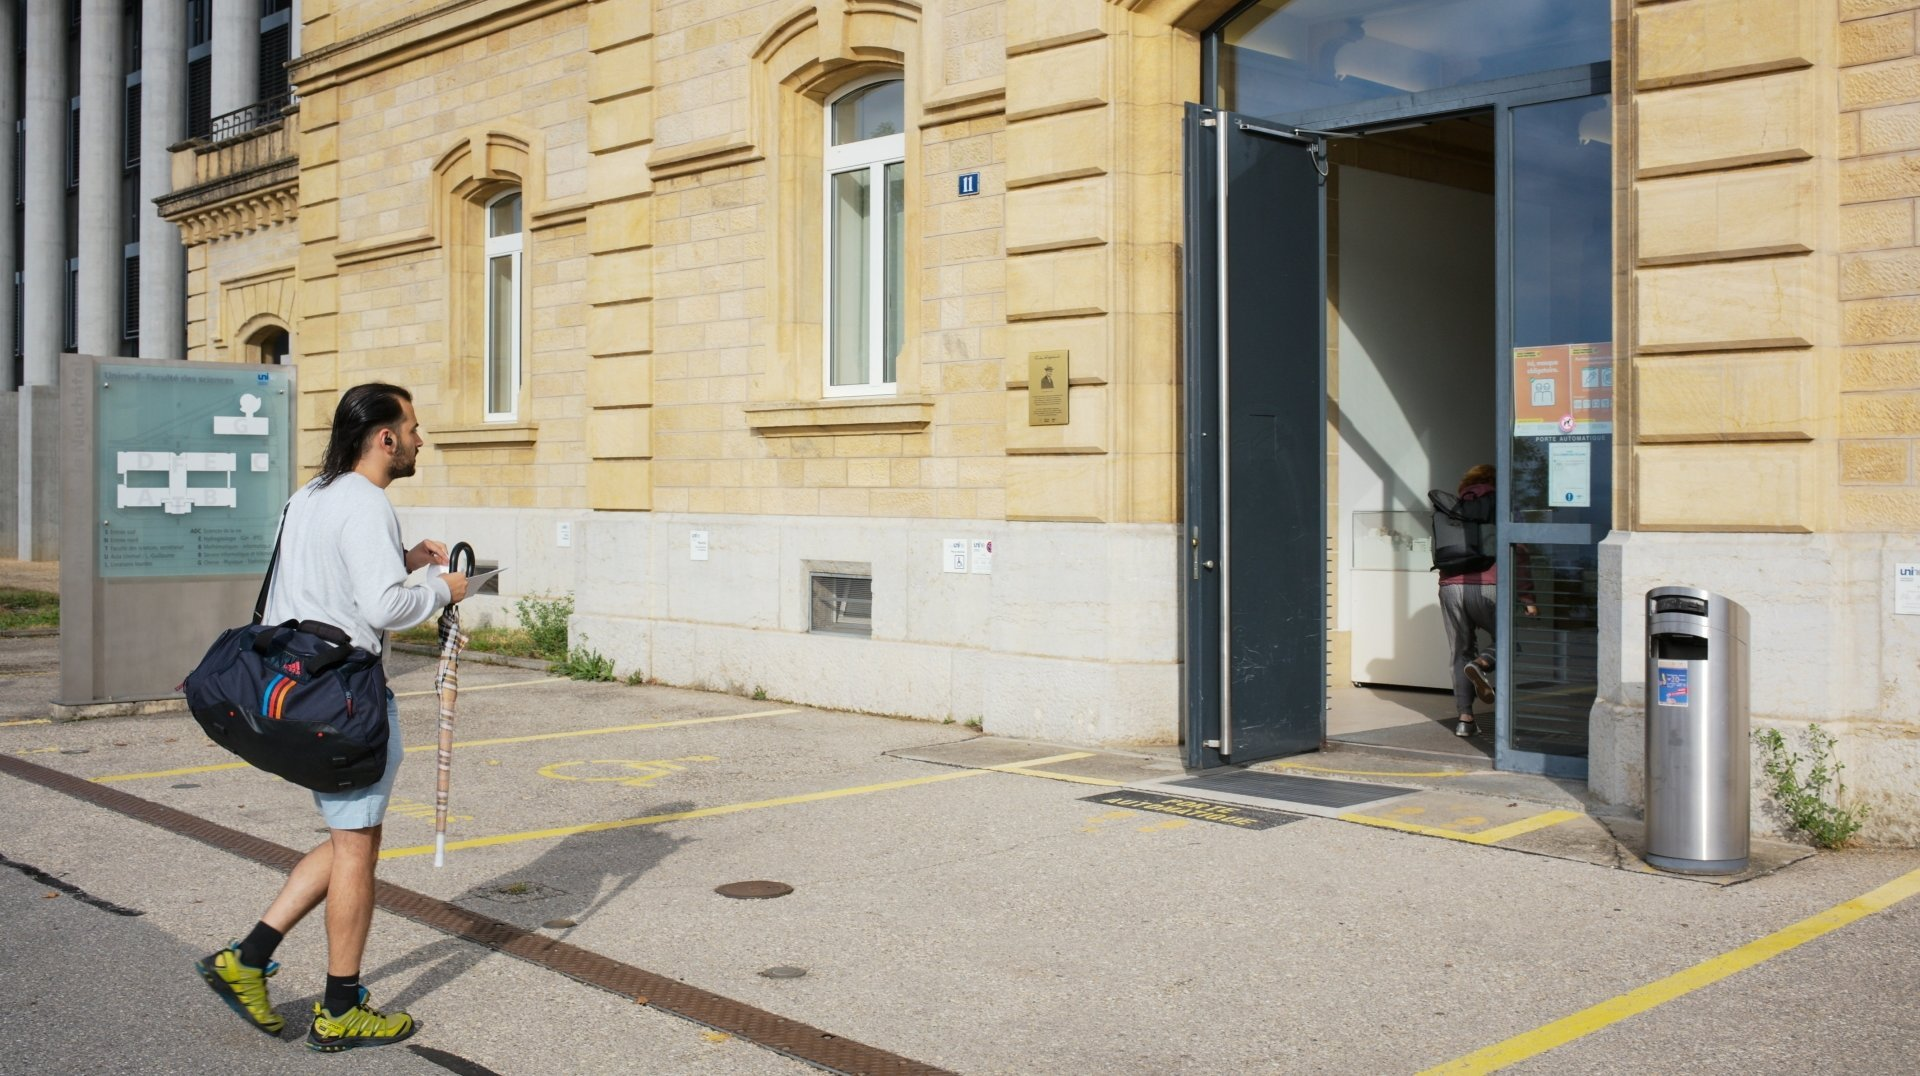 Université de Neuchâtel: 100% des cours seront accessibles